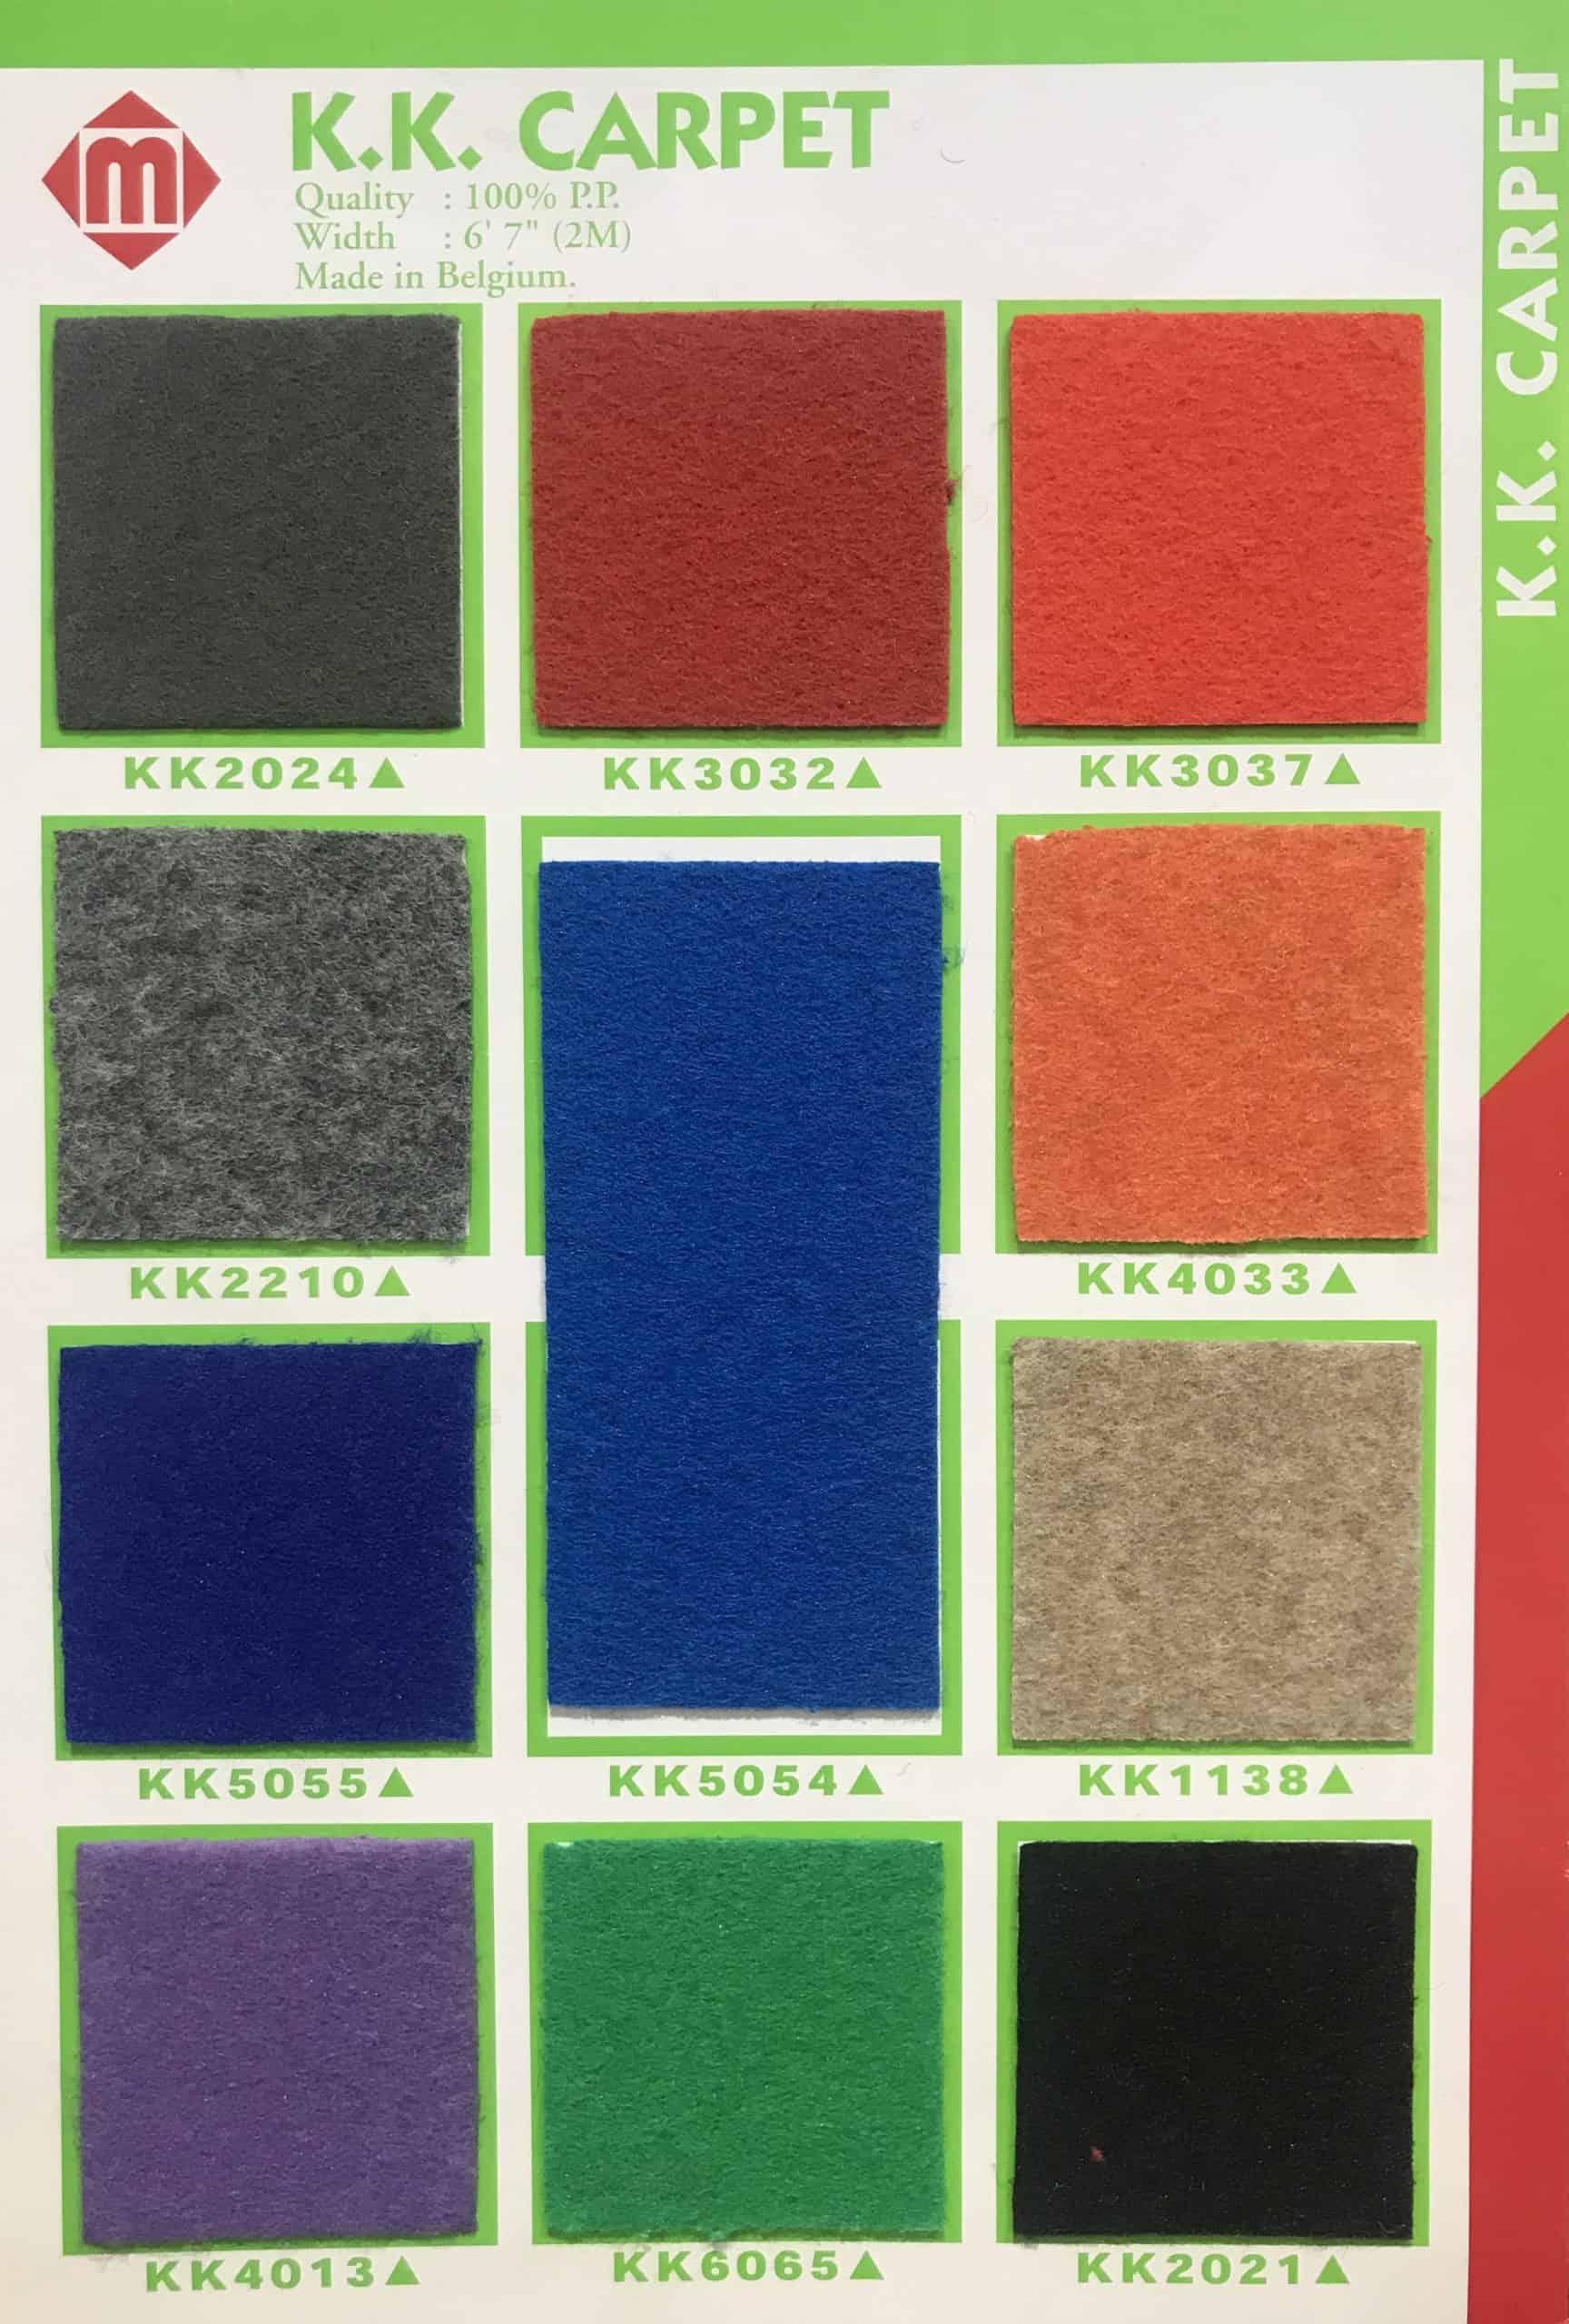 比利時展覽地毯 Belgium KK Carpet Quality: 100% P.P. Width: 6'7